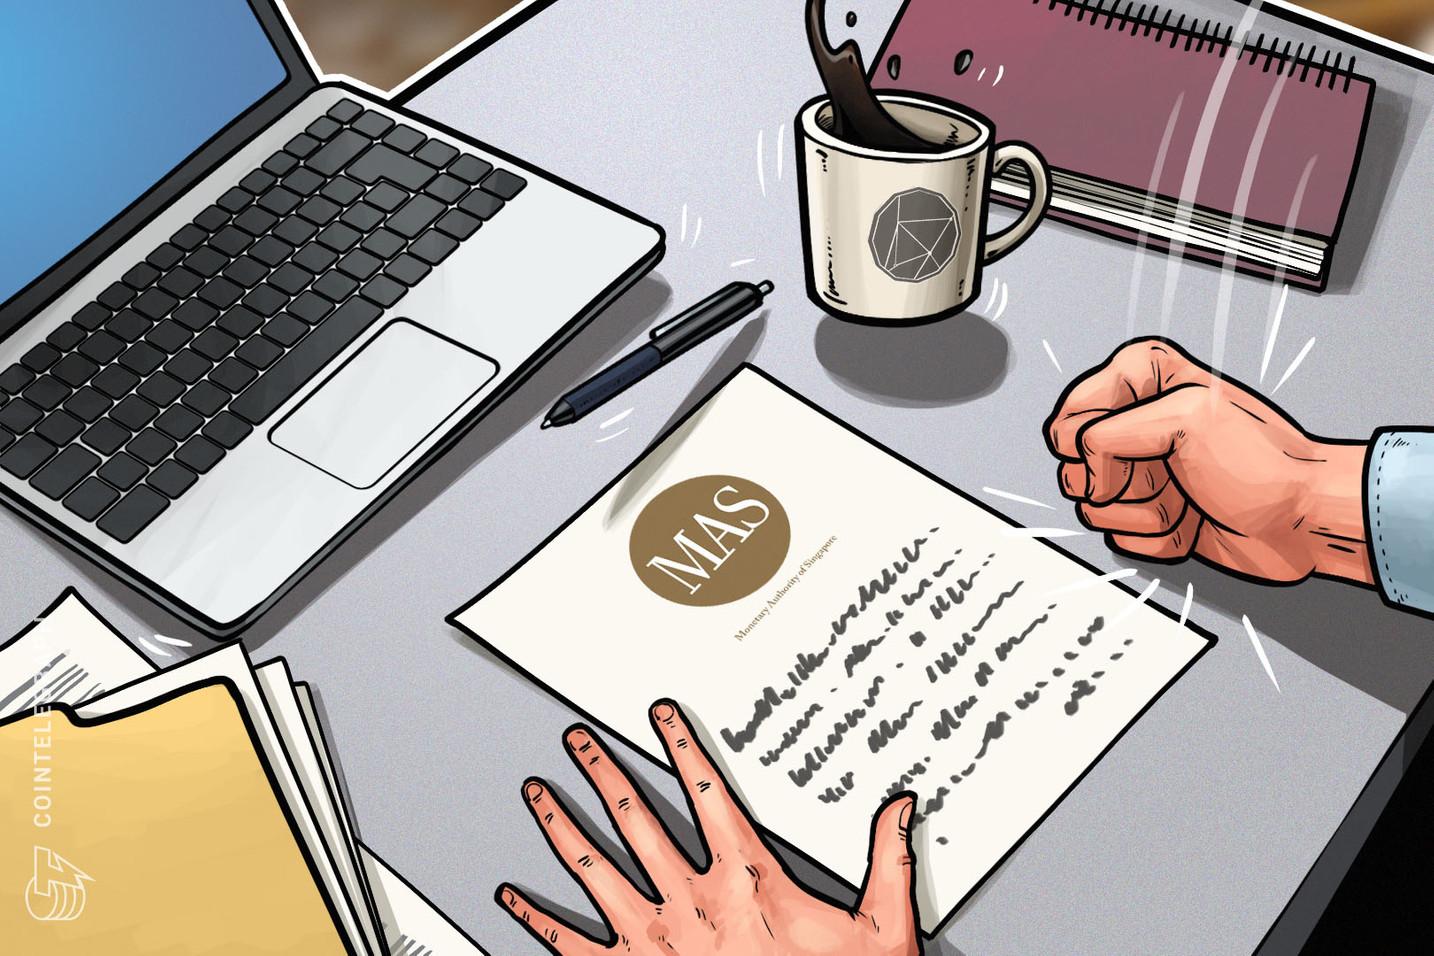 シンガポール当局、8つの仮想通貨取引所にコンプライアンス巡り警告 ICOには販売停止命令